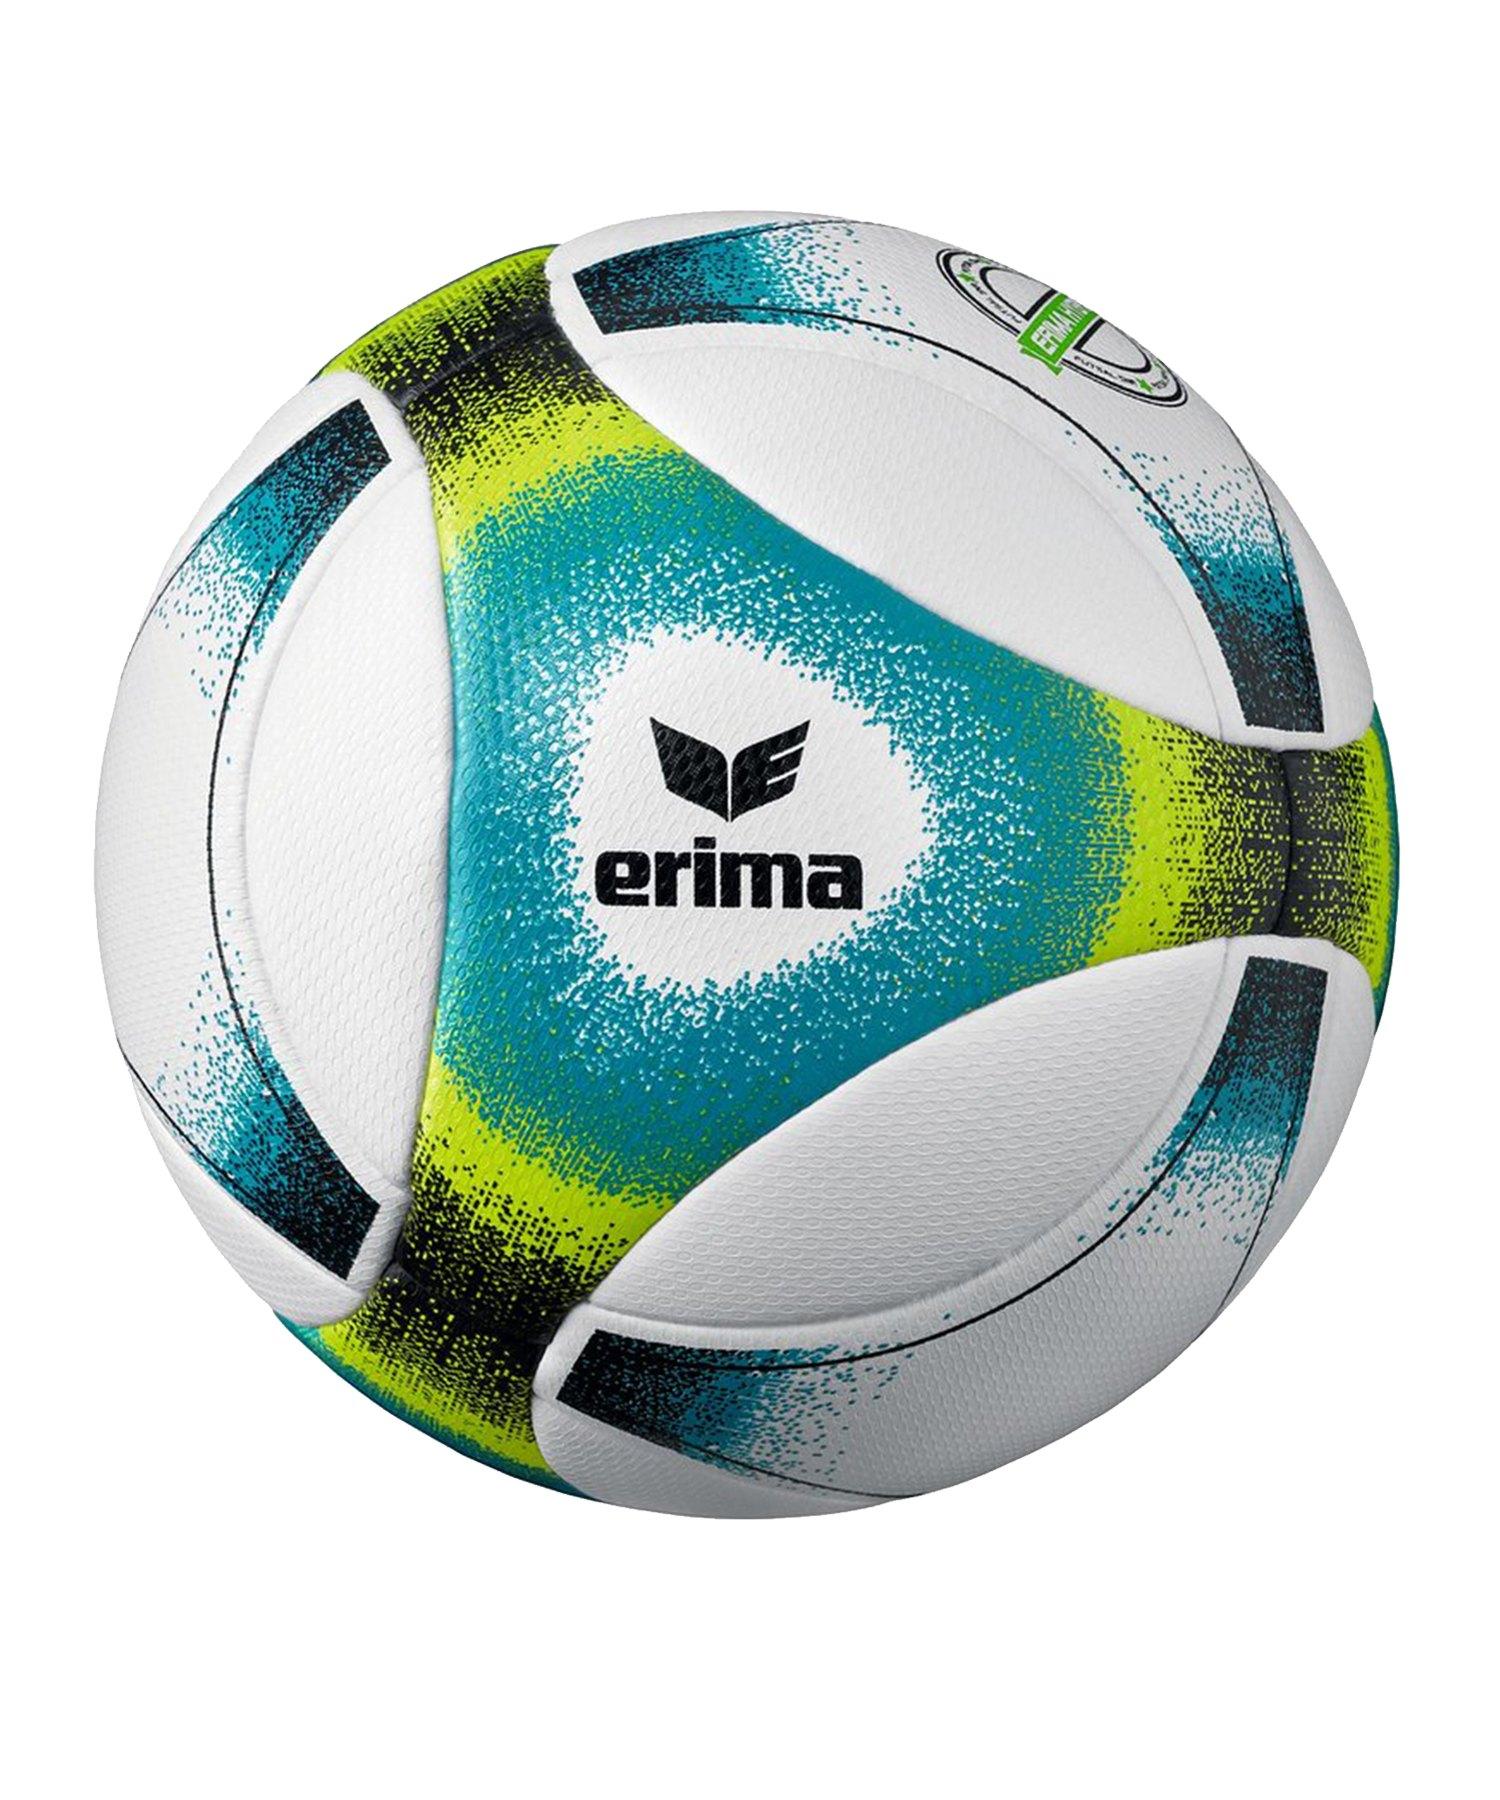 Erima ERIMA Hybrid Futsal SNR Gr.4 Blau - Blau